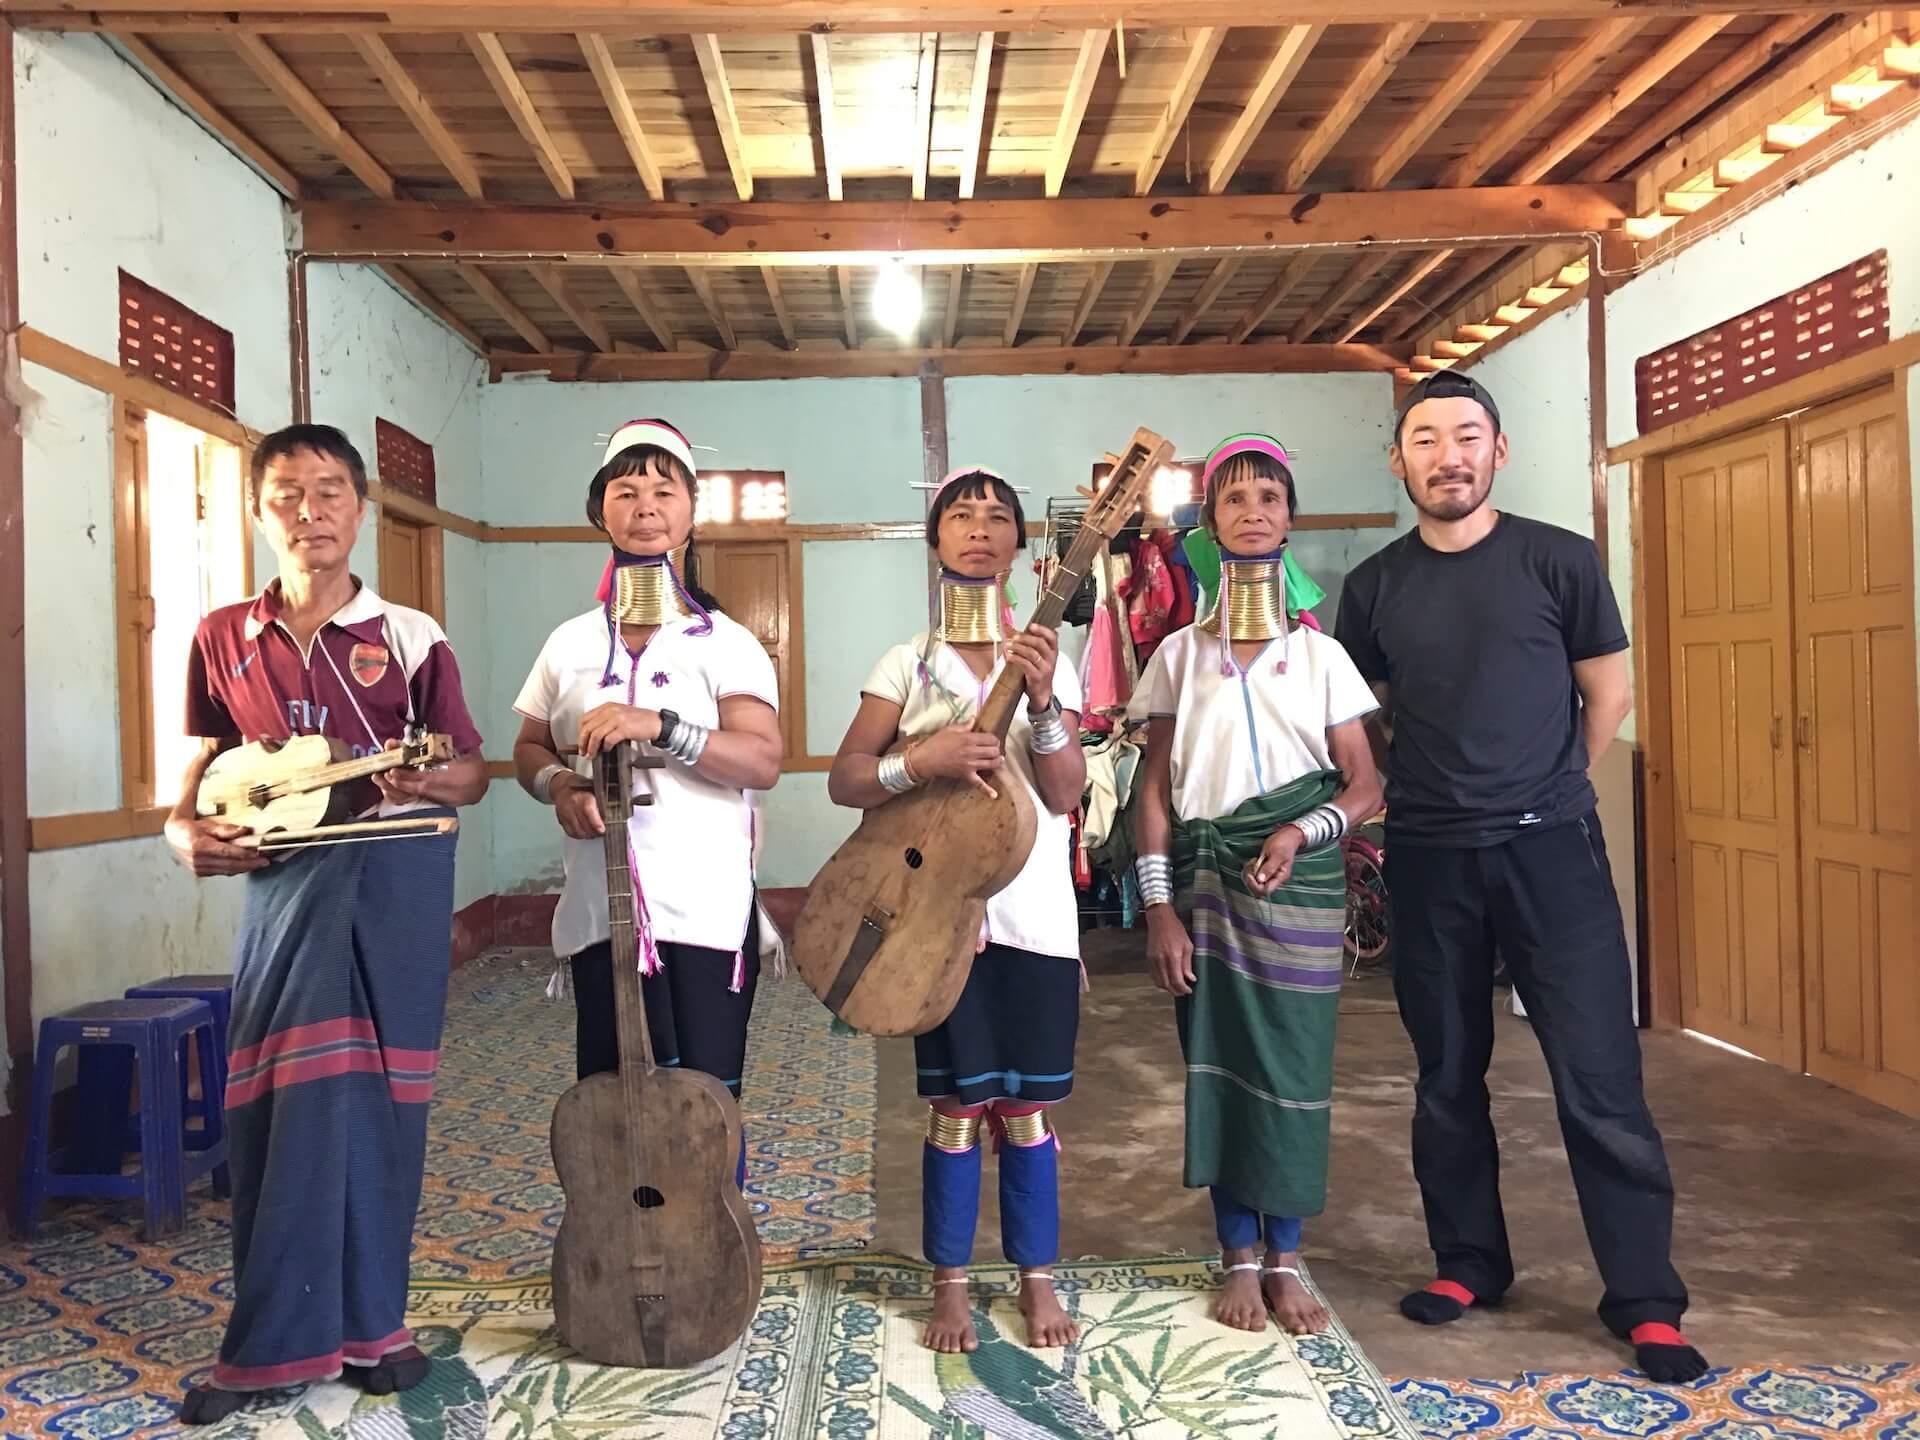 ミャンマーの文化とともに —— コムアイ、オオルタイチ、井口寛が語る音を通じた繋がり interview210917_staywithmyanmar_16